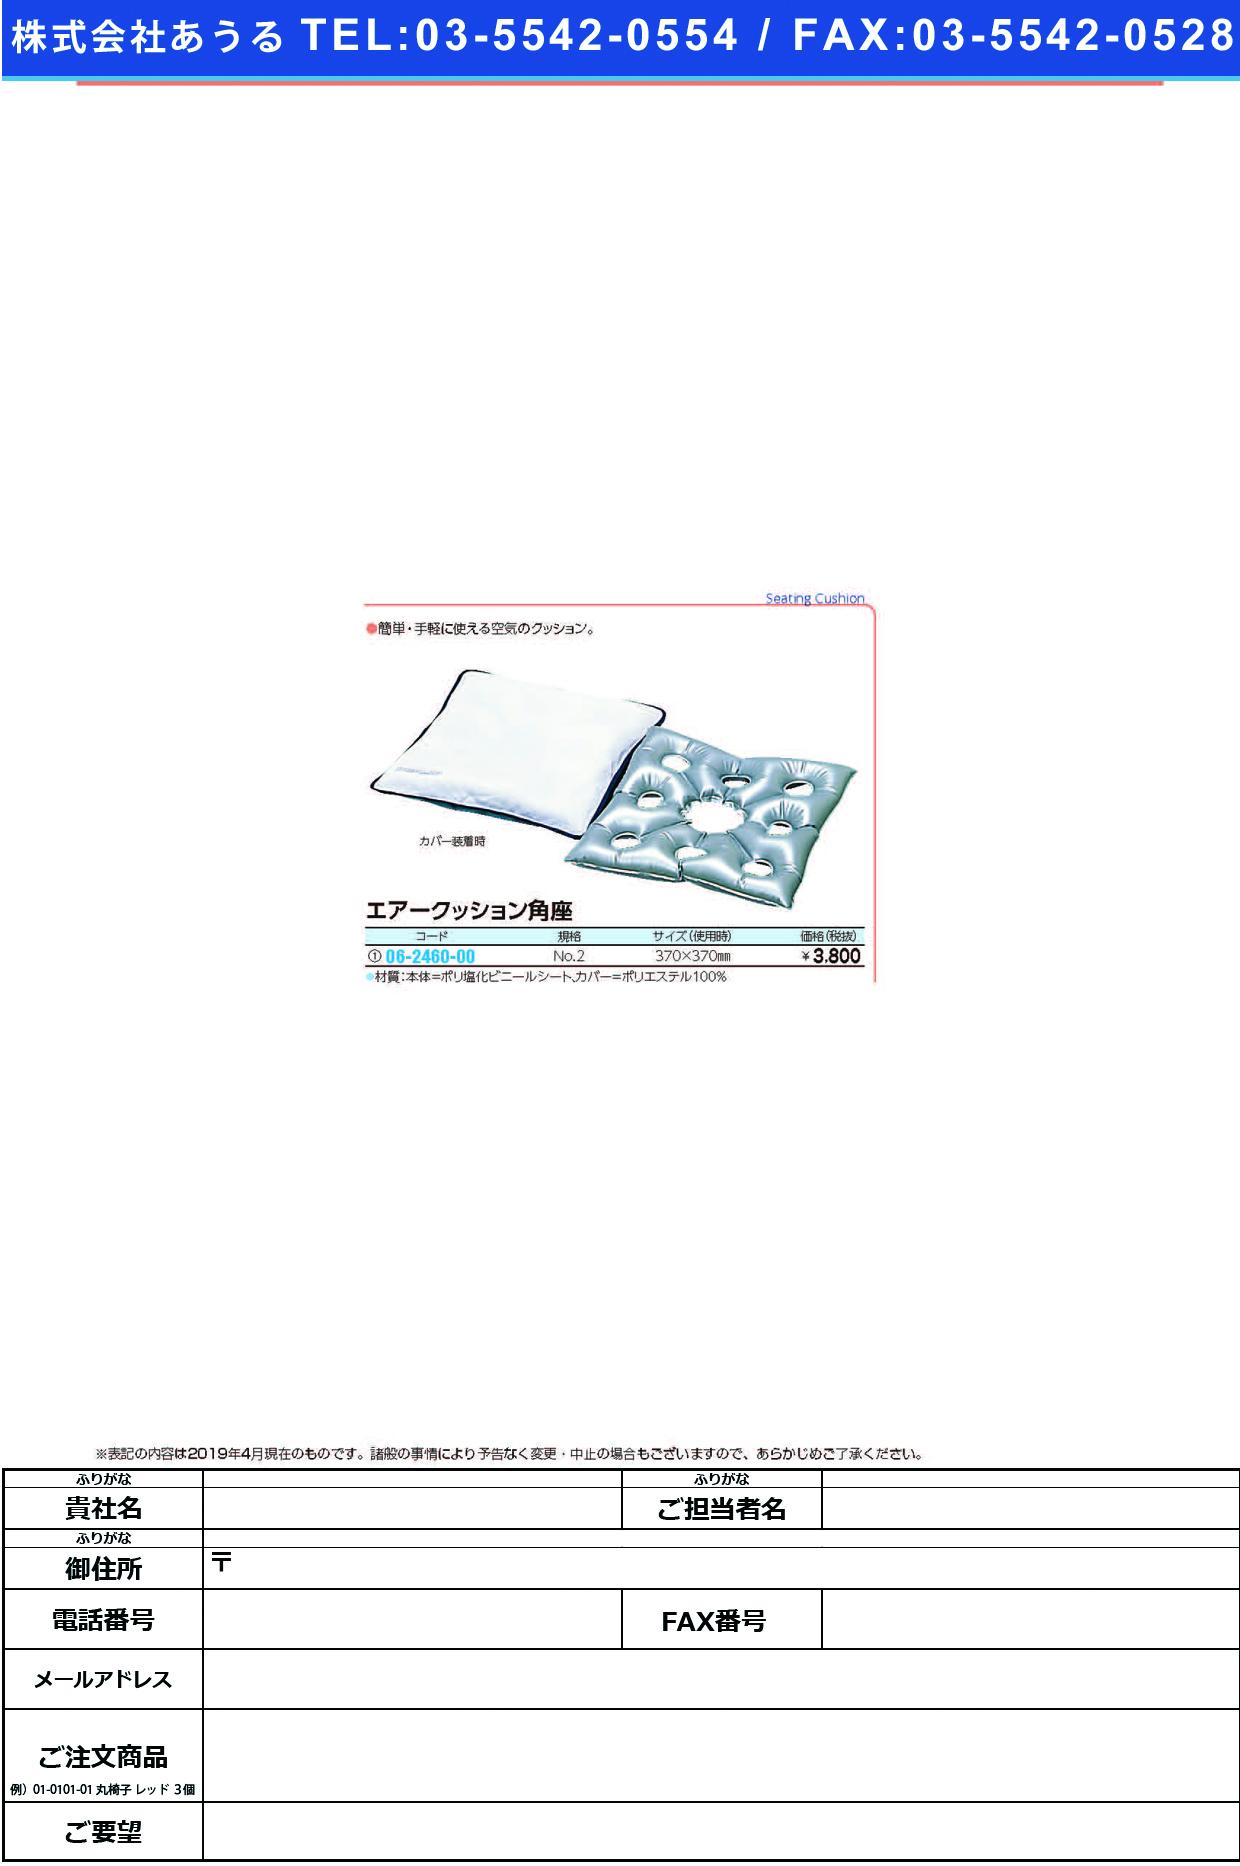 (06-2460-00)エアークッション(角座)No.2 04580 エア-クッション(カクザ)NO.2(ダンロップホームプロダクツ)【1個単位】【2019年カタログ商品】